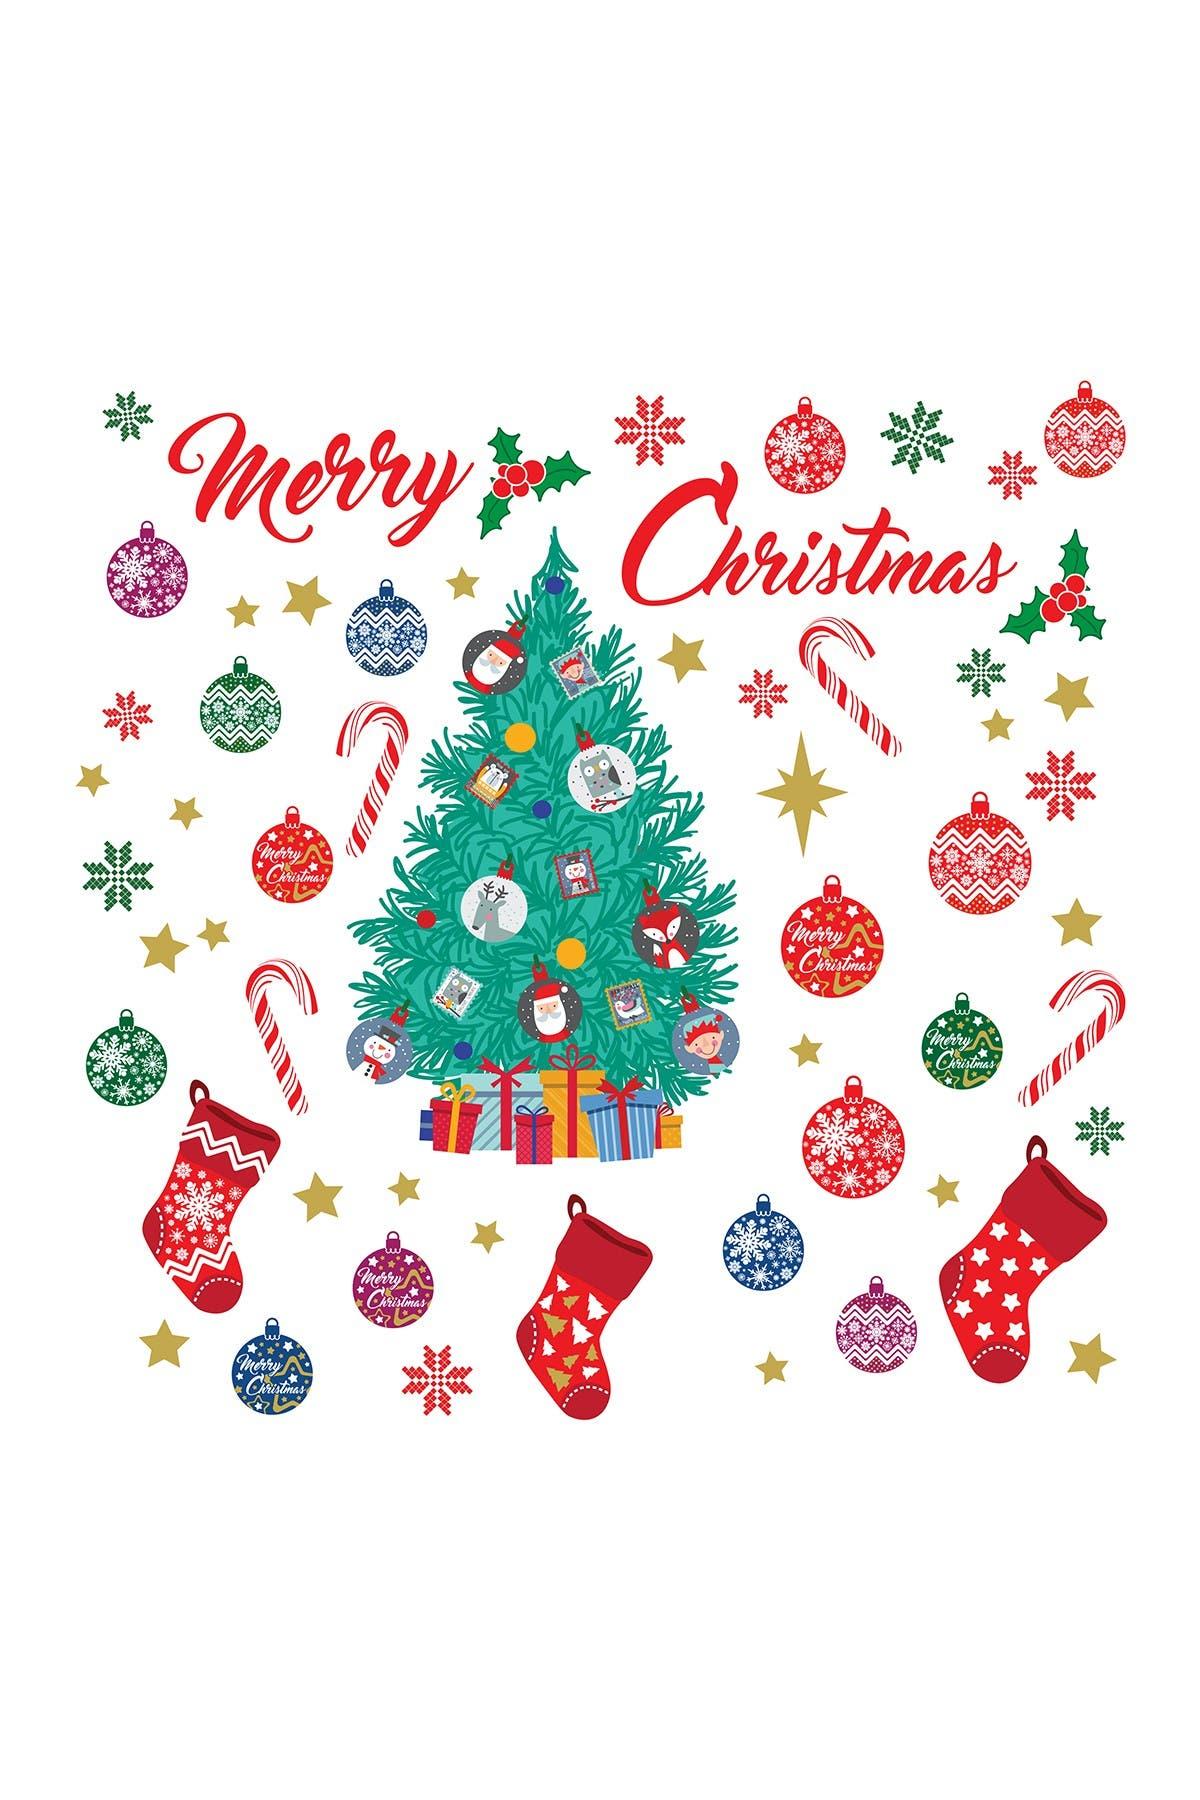 Image of WalPlus Merry Christmas and Christmas Tree Wall Decal